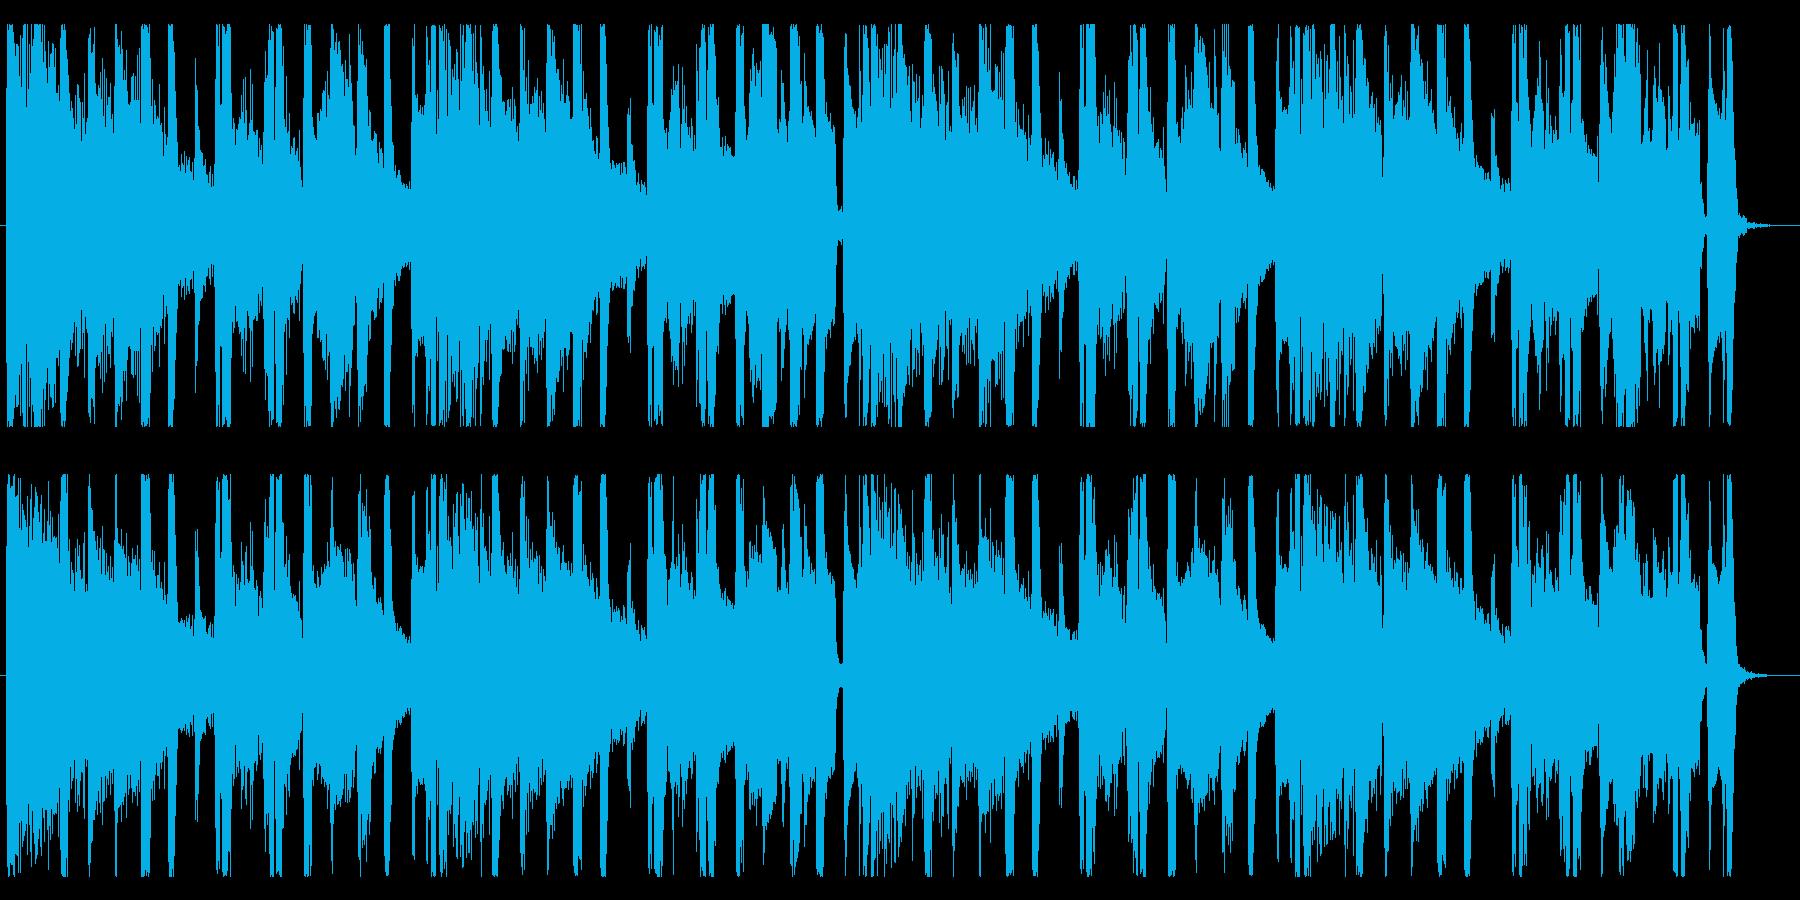 ムーディー/R&B_No395_4の再生済みの波形